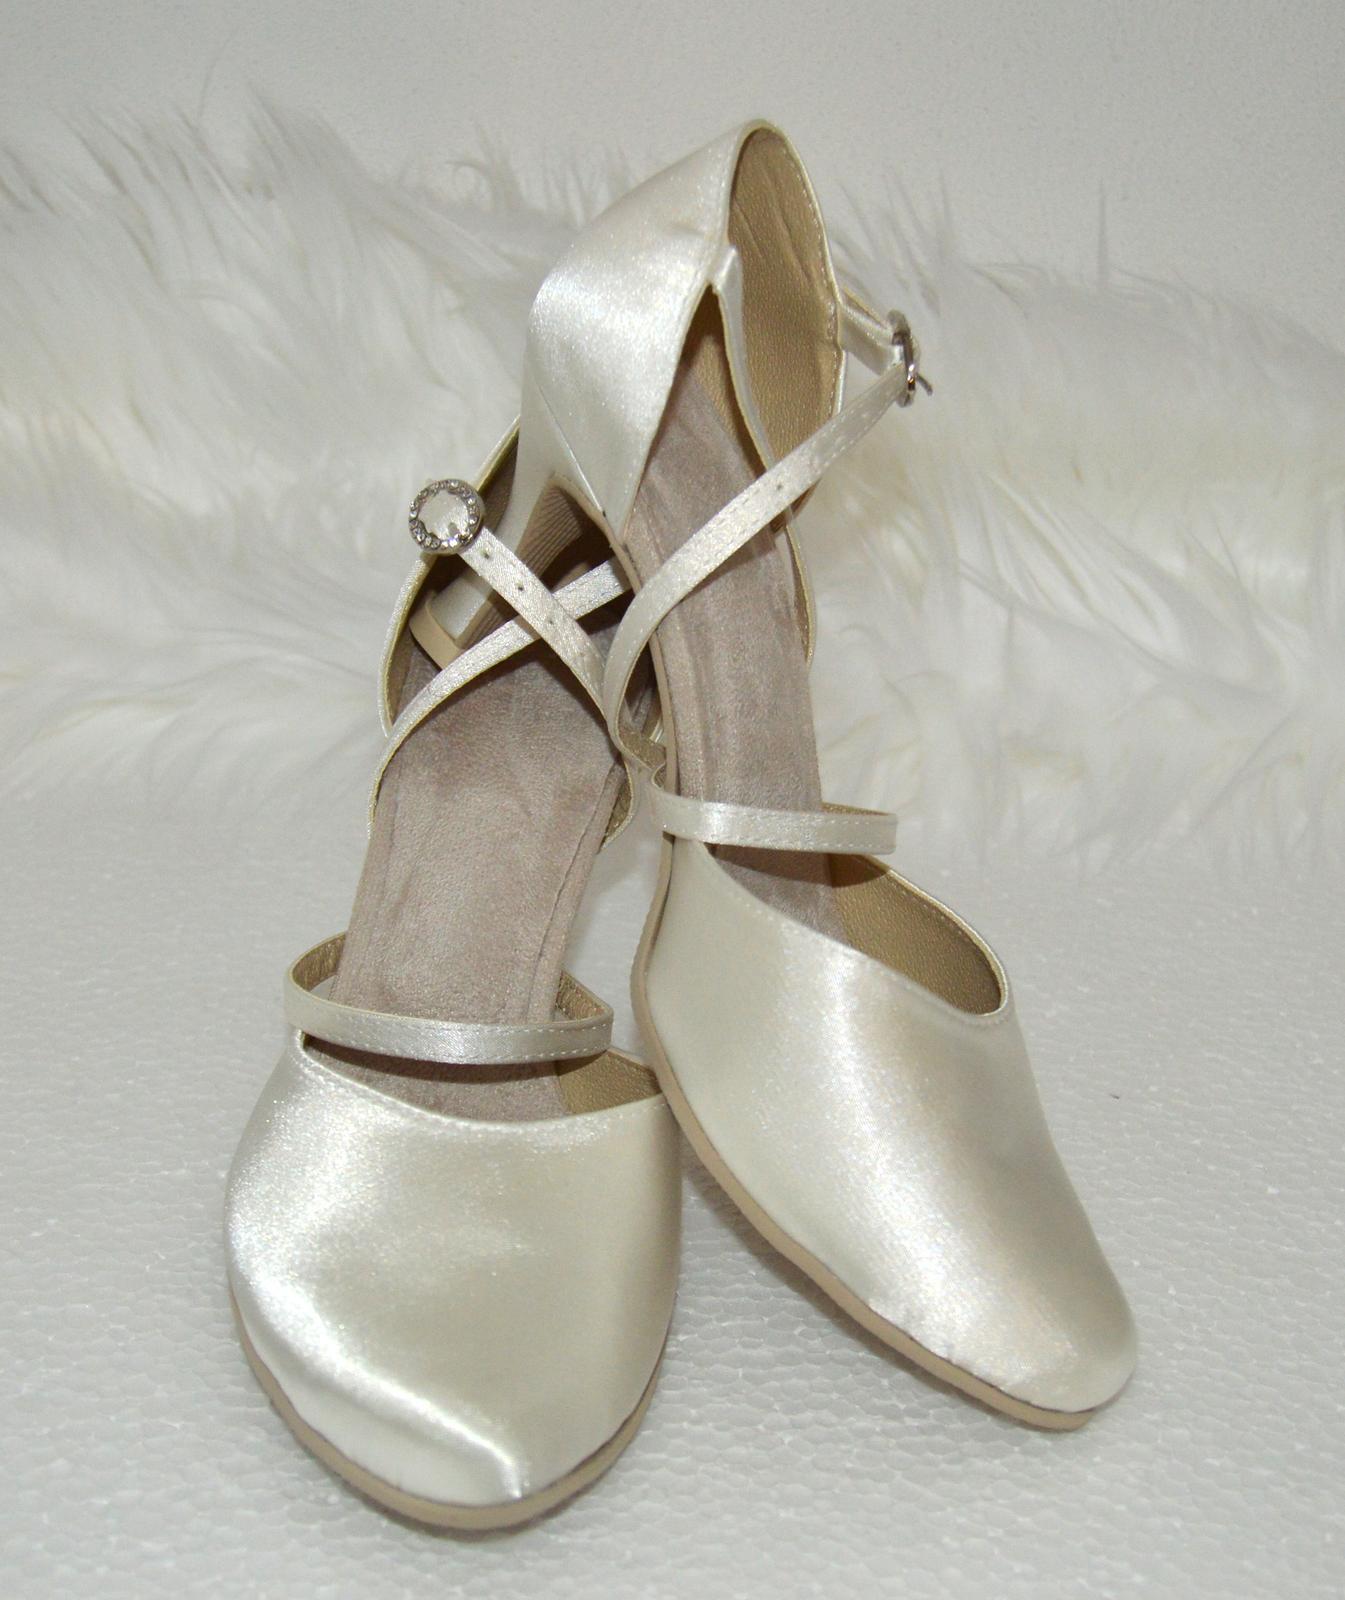 Svadobné topánky, inšpirácie z Vašich návrhov, farby biela, ivory, šampaň. - Svadobné topánky v tanečnom štýle - pohodlná obuv satén farba Ivory, opatok flare 5 cm, úpravy podľa želania klientky